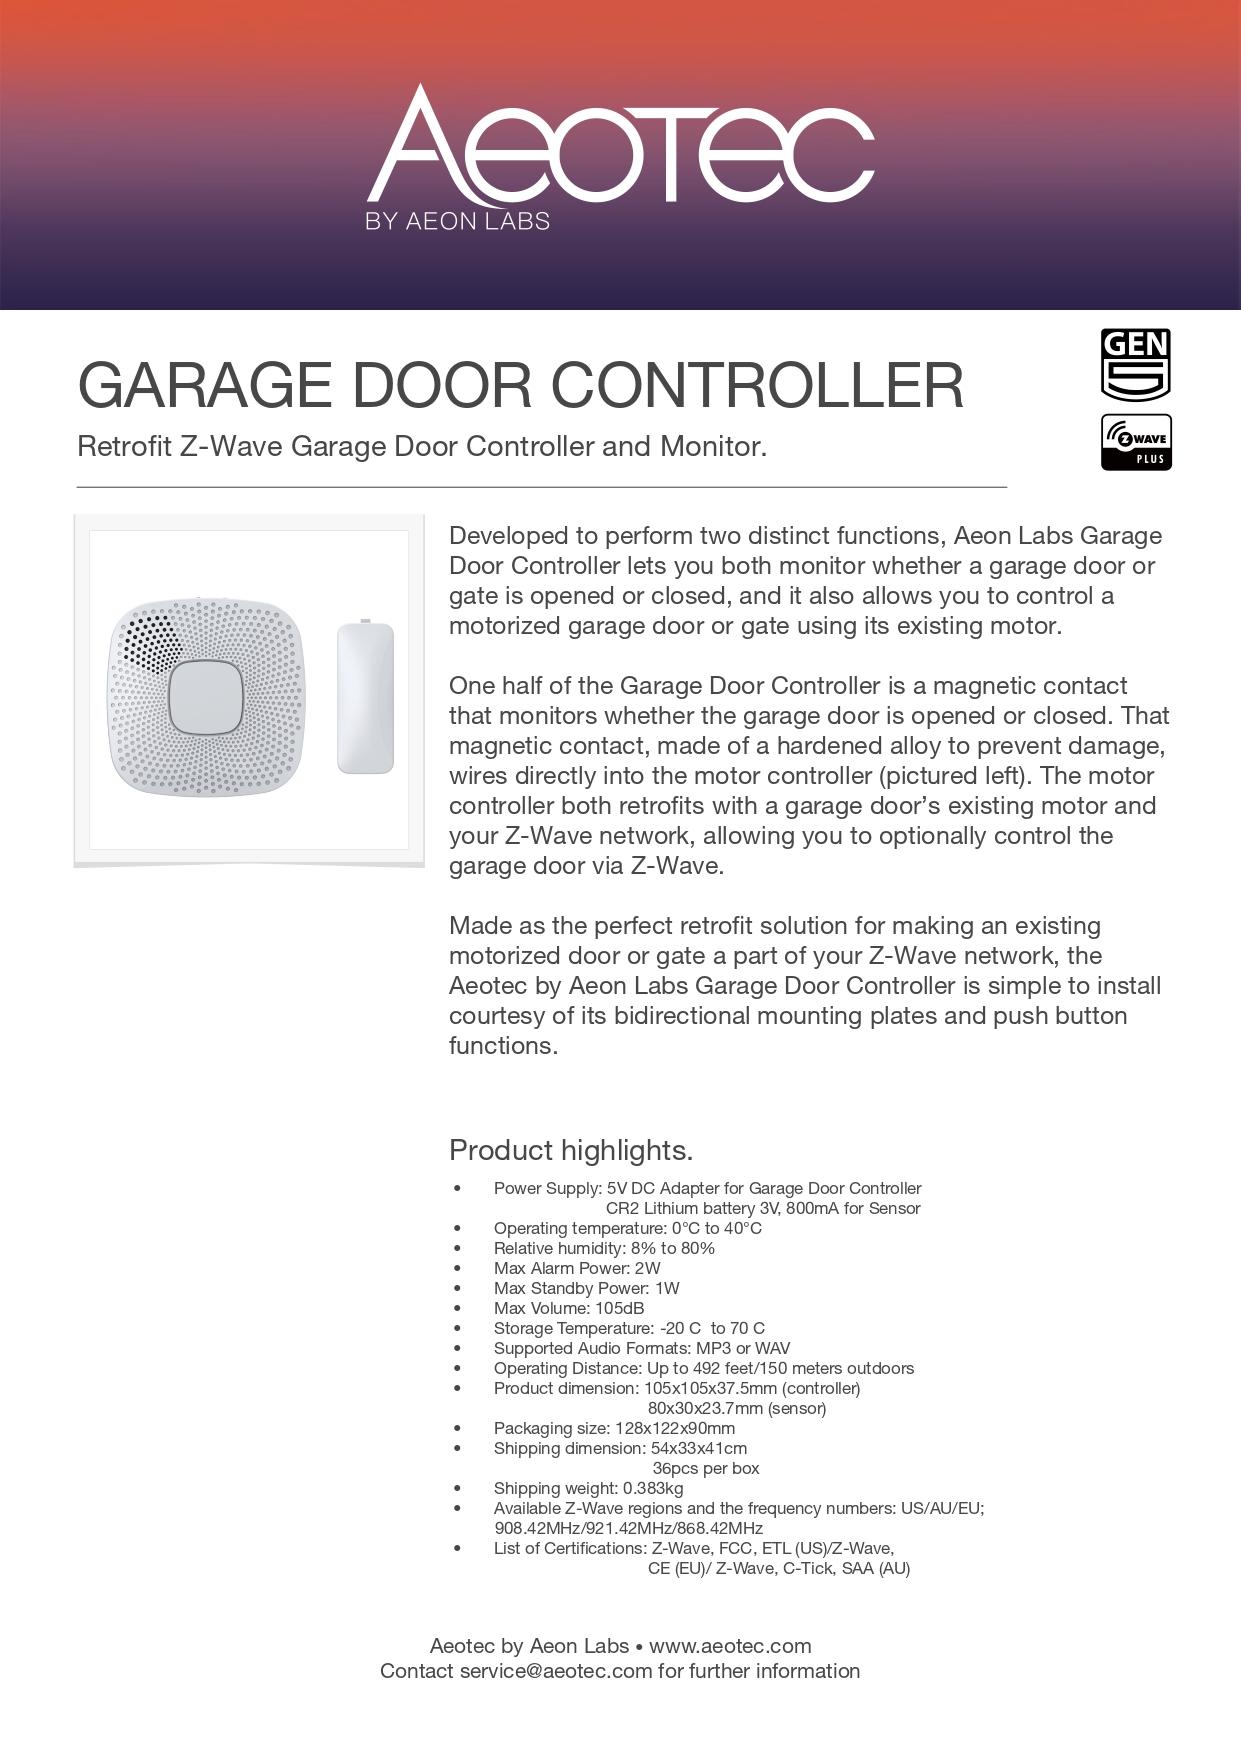 Aeotec Garage Door Controller Gen5